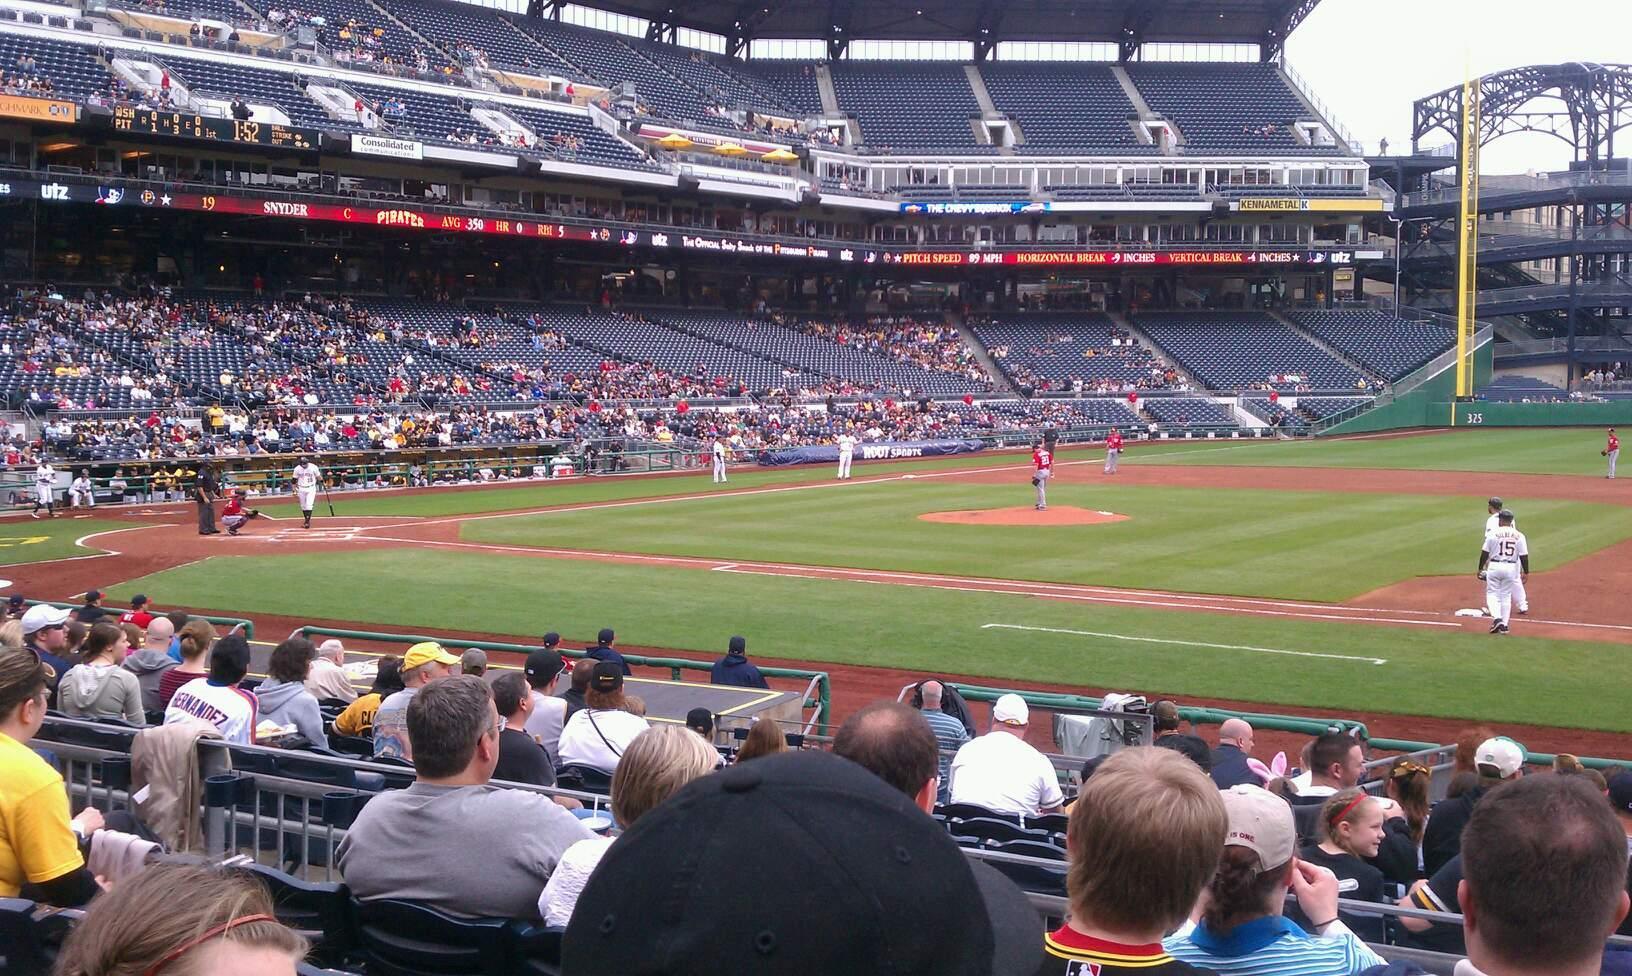 PNC Park Section 109 Row e Seat 3